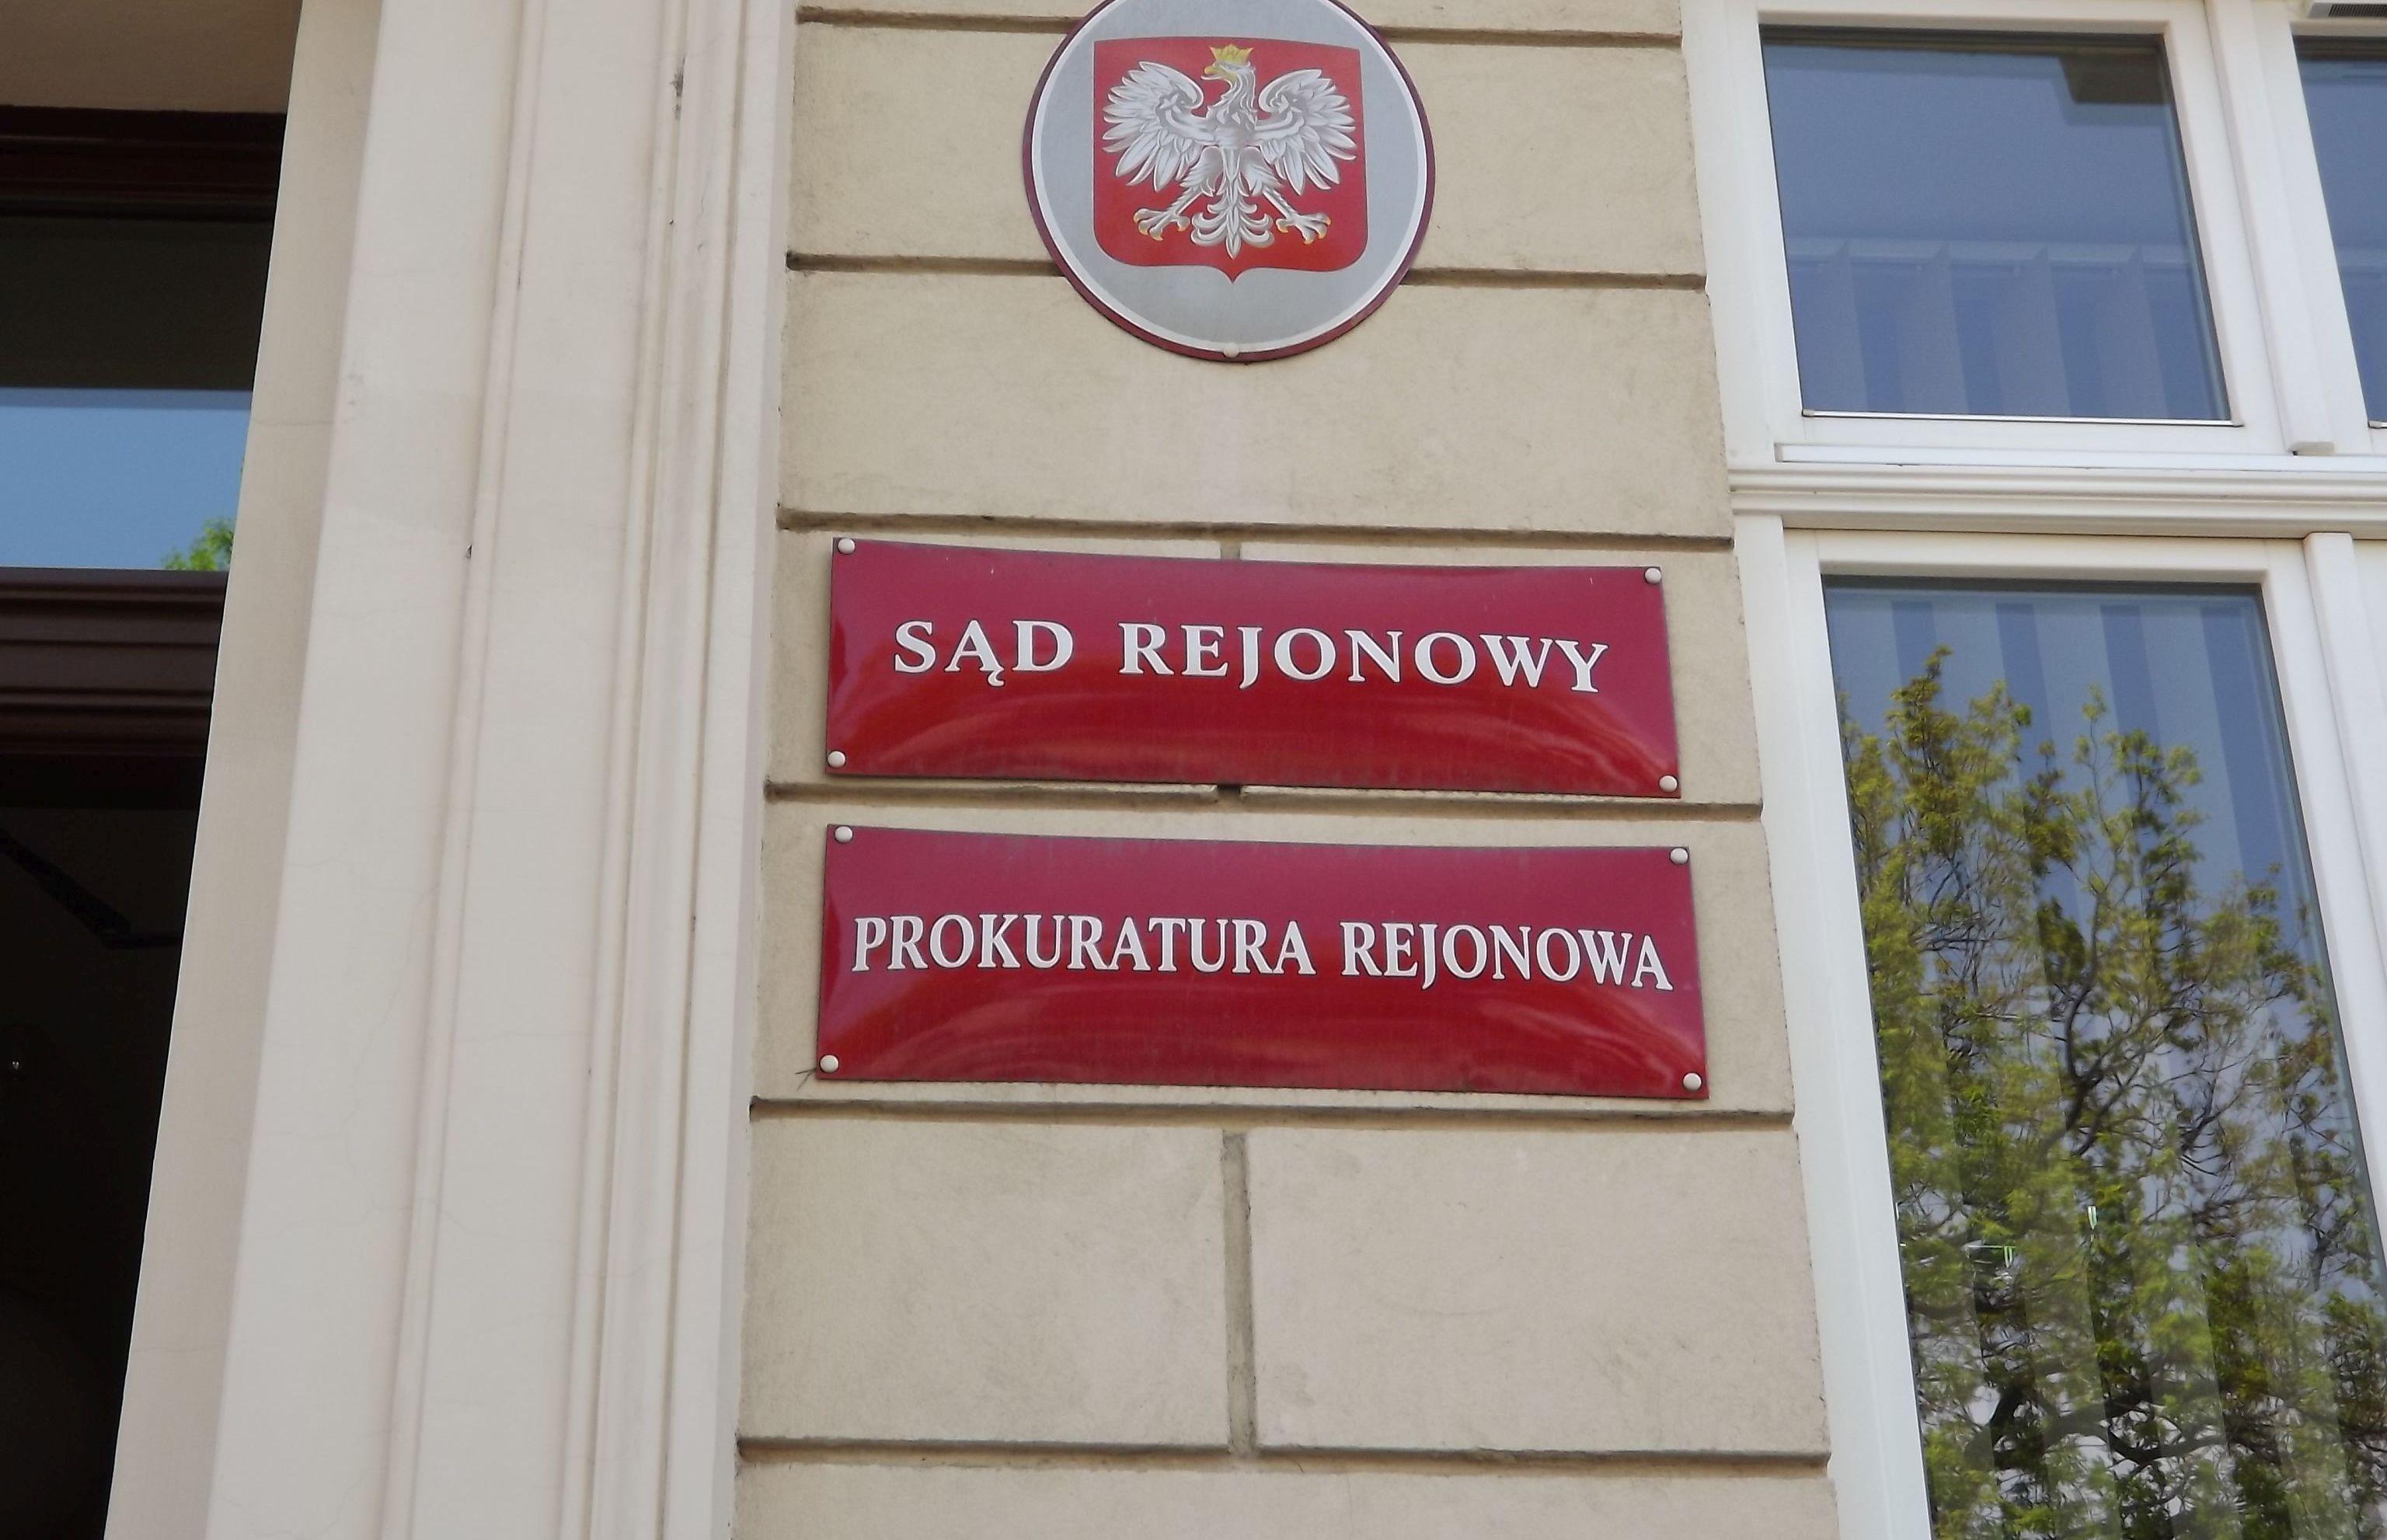 Sędziowie z Wadowic stanęli po stronie Sądu Najwyższego, a nie polityków PiS